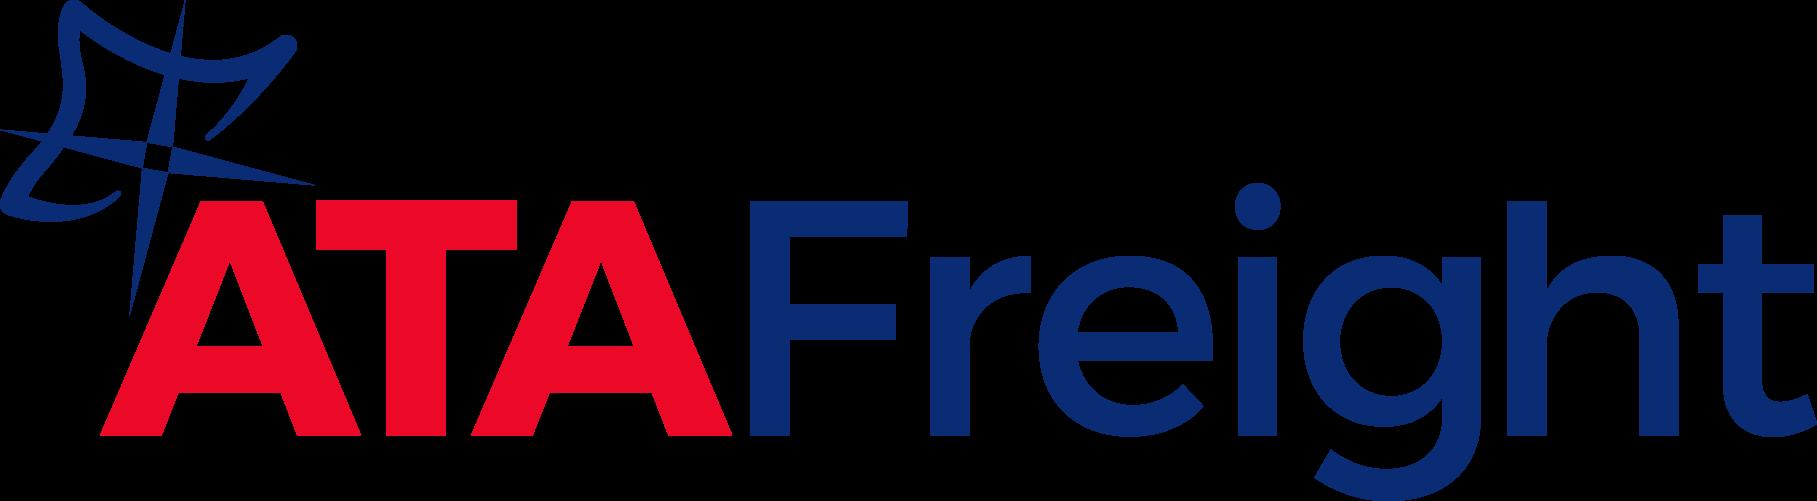 ata-freight-logo